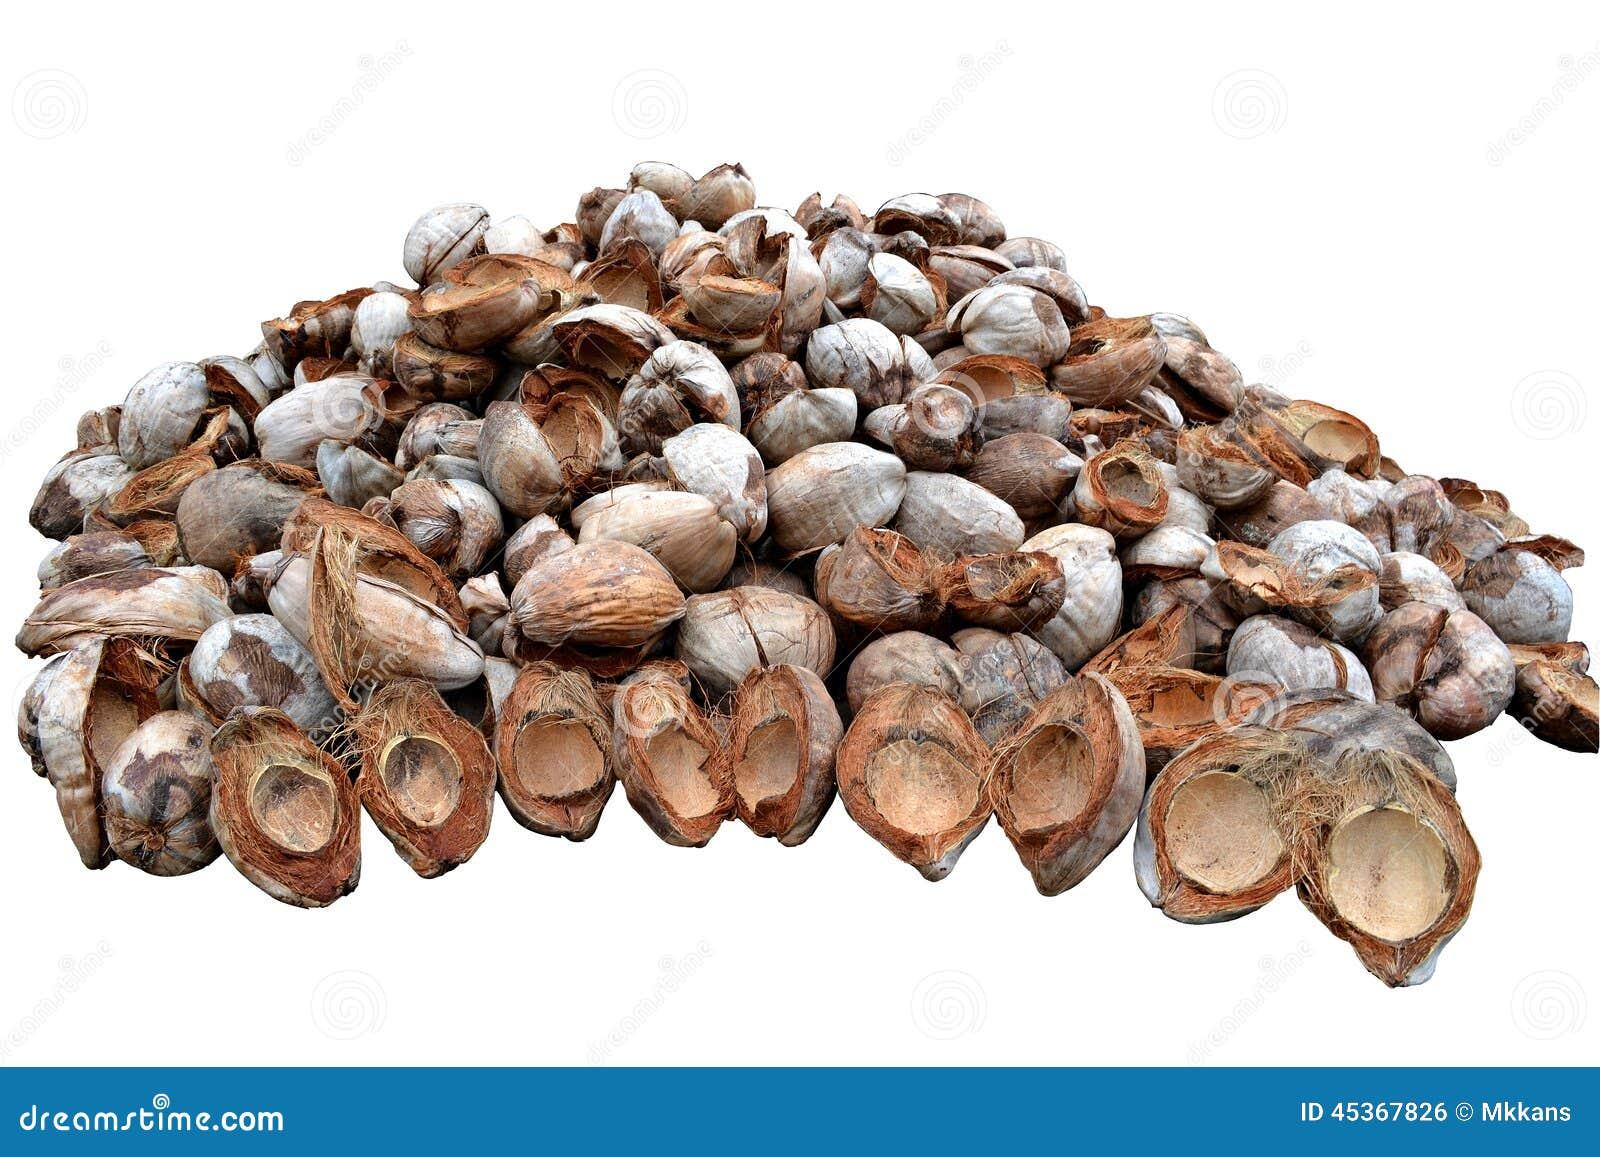 Peau de noix de coco